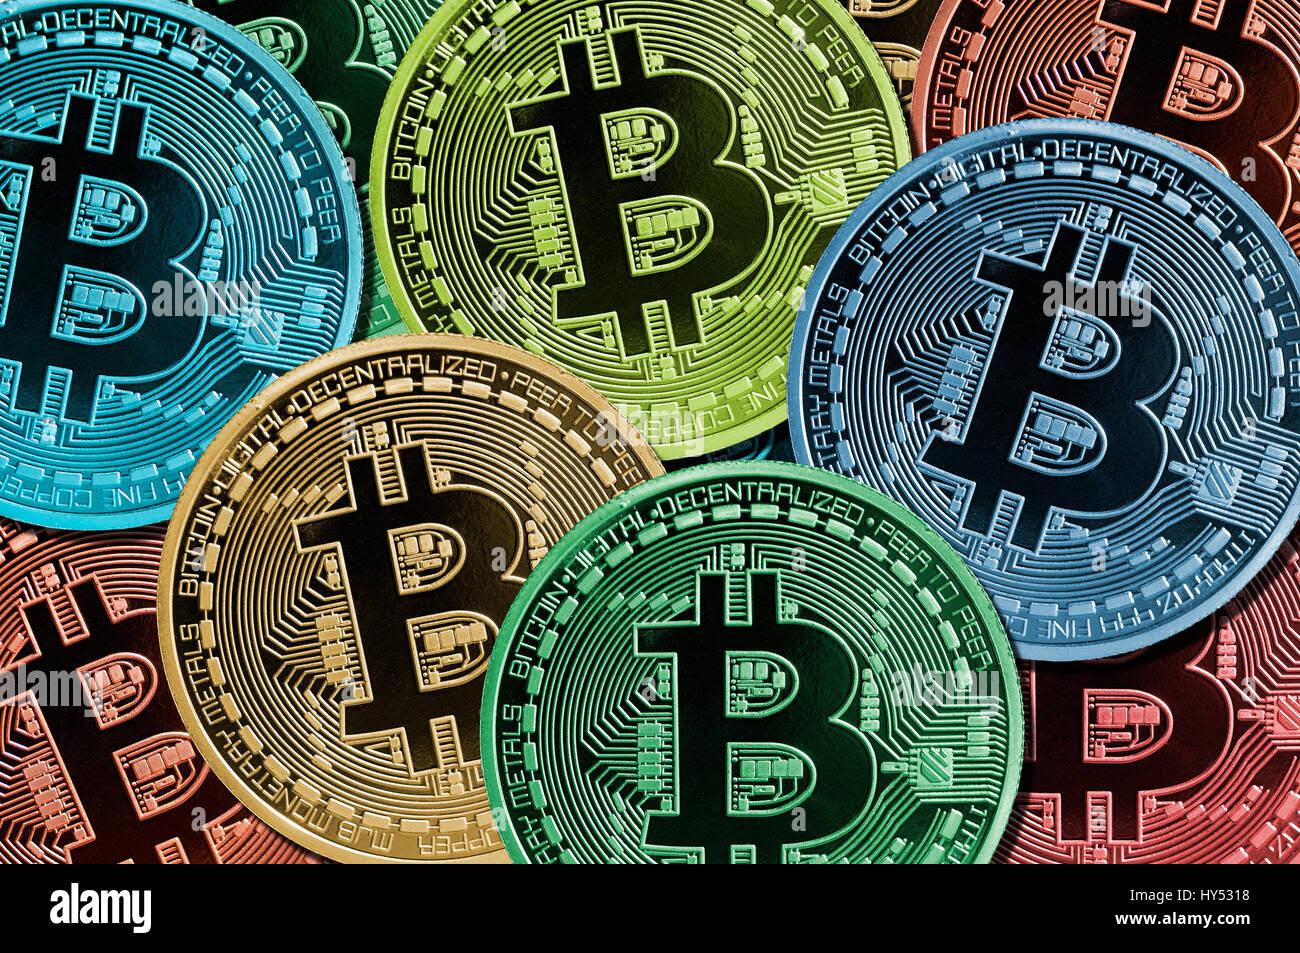 the next bitcoin bull run